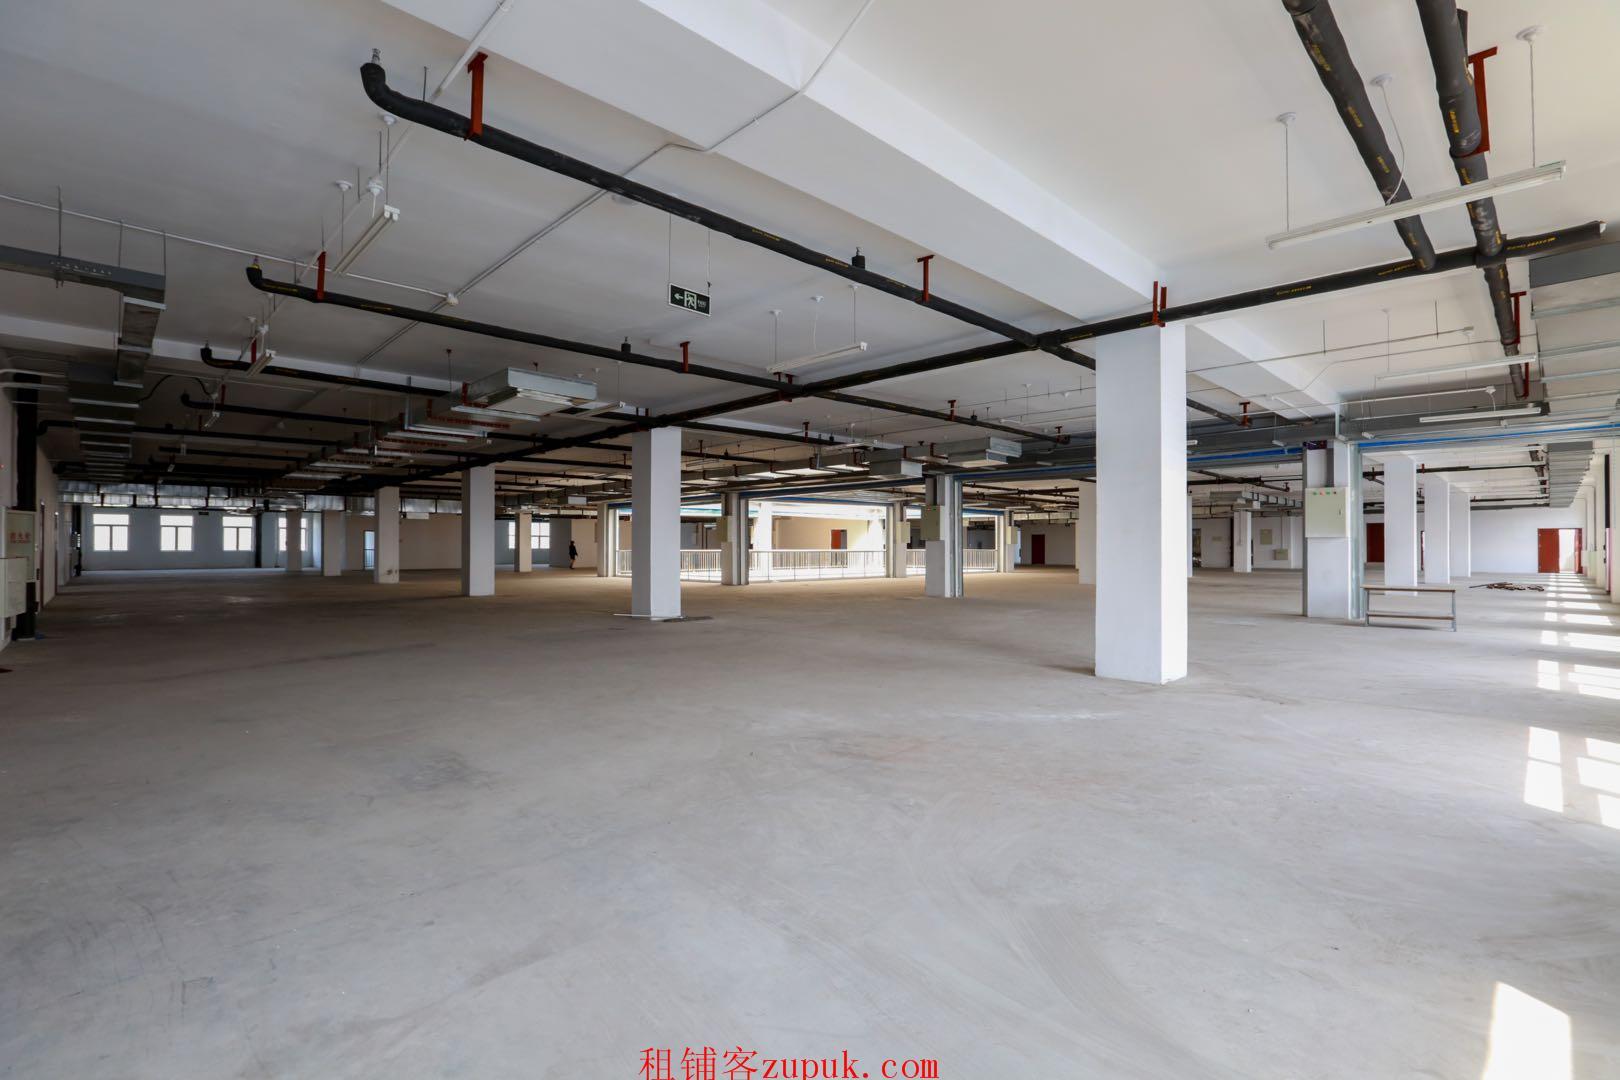 自贸区保税区恒温仓库写字楼展示展销大楼出租出售